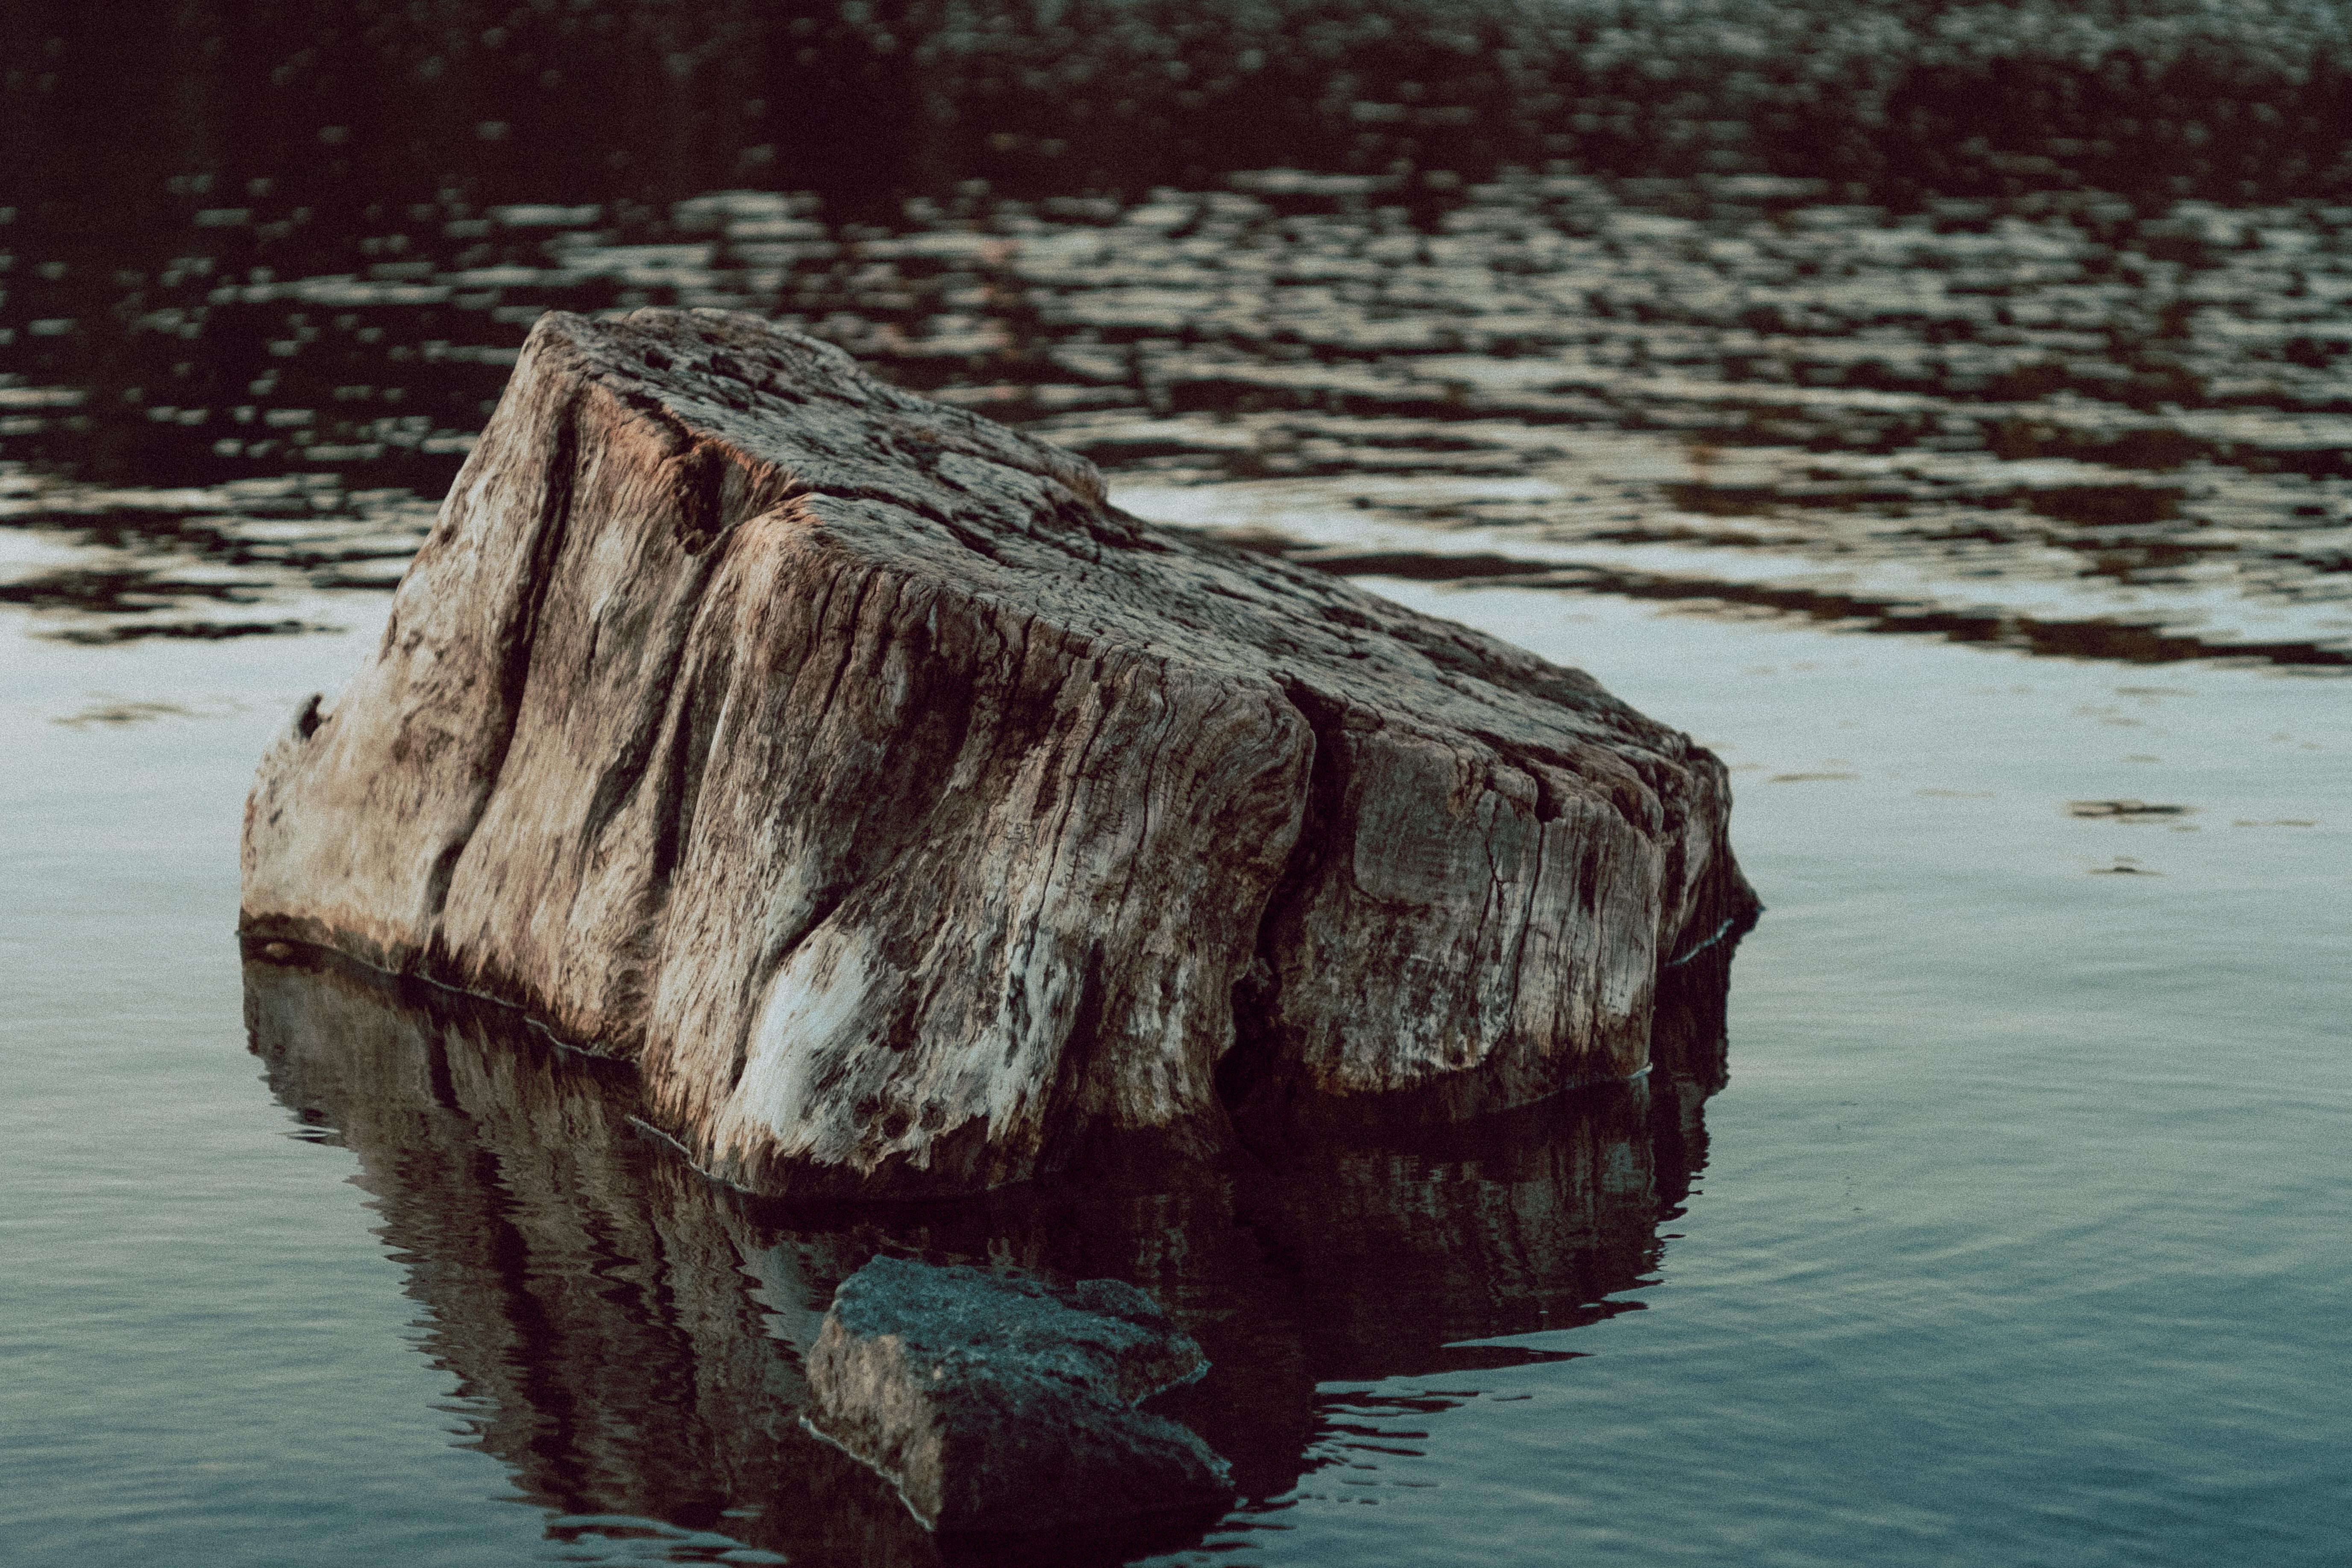 A Tree Stump At The Cuts in New Brunswick